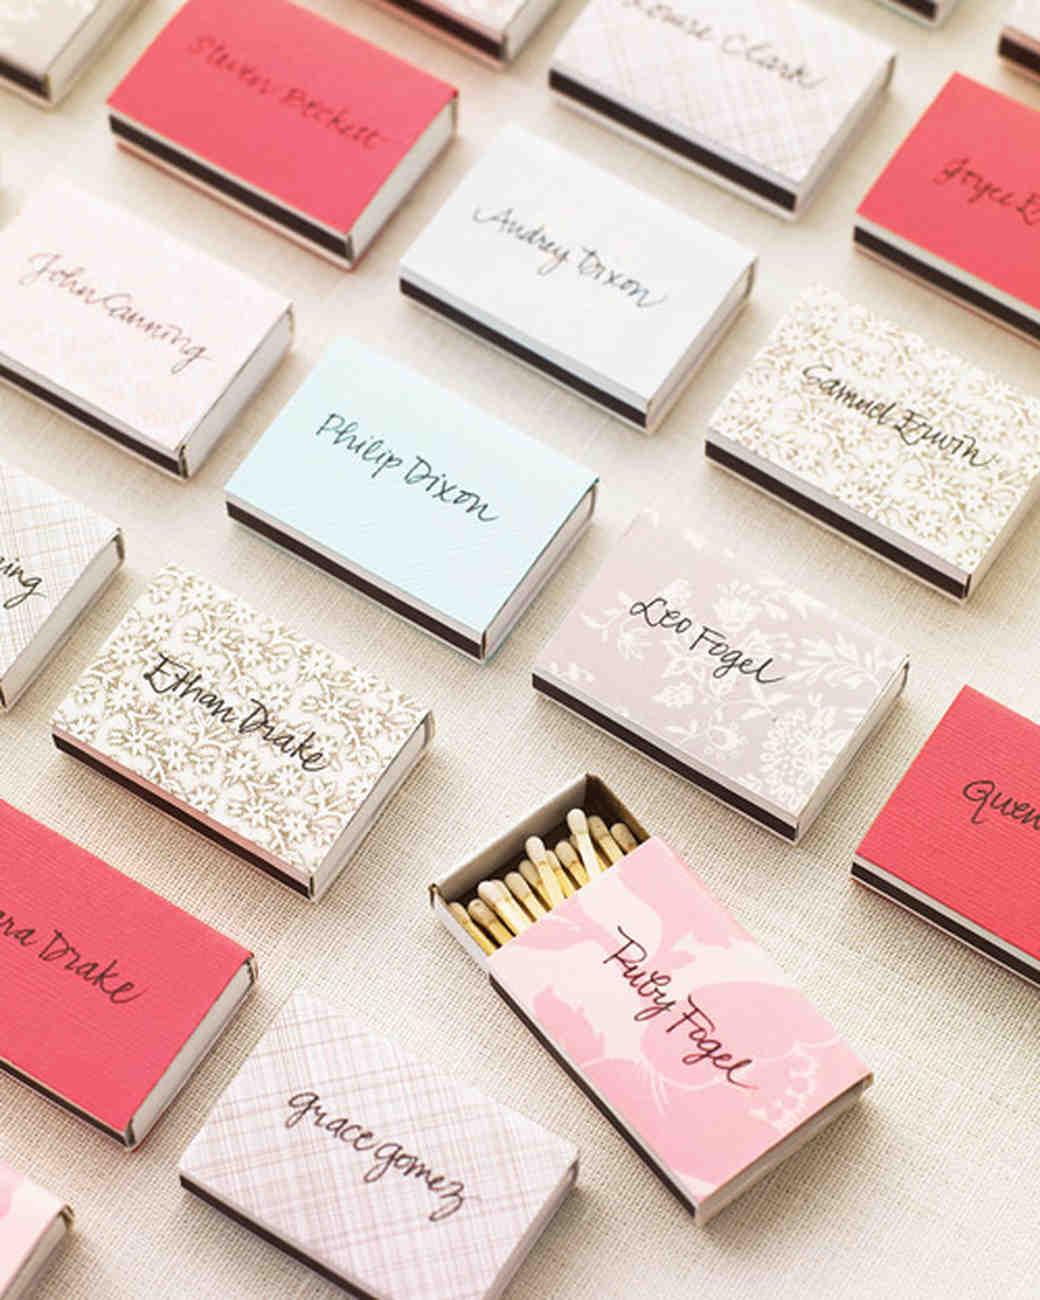 איקאה סייל: הפריטים שיעצבו לכם את החתונה